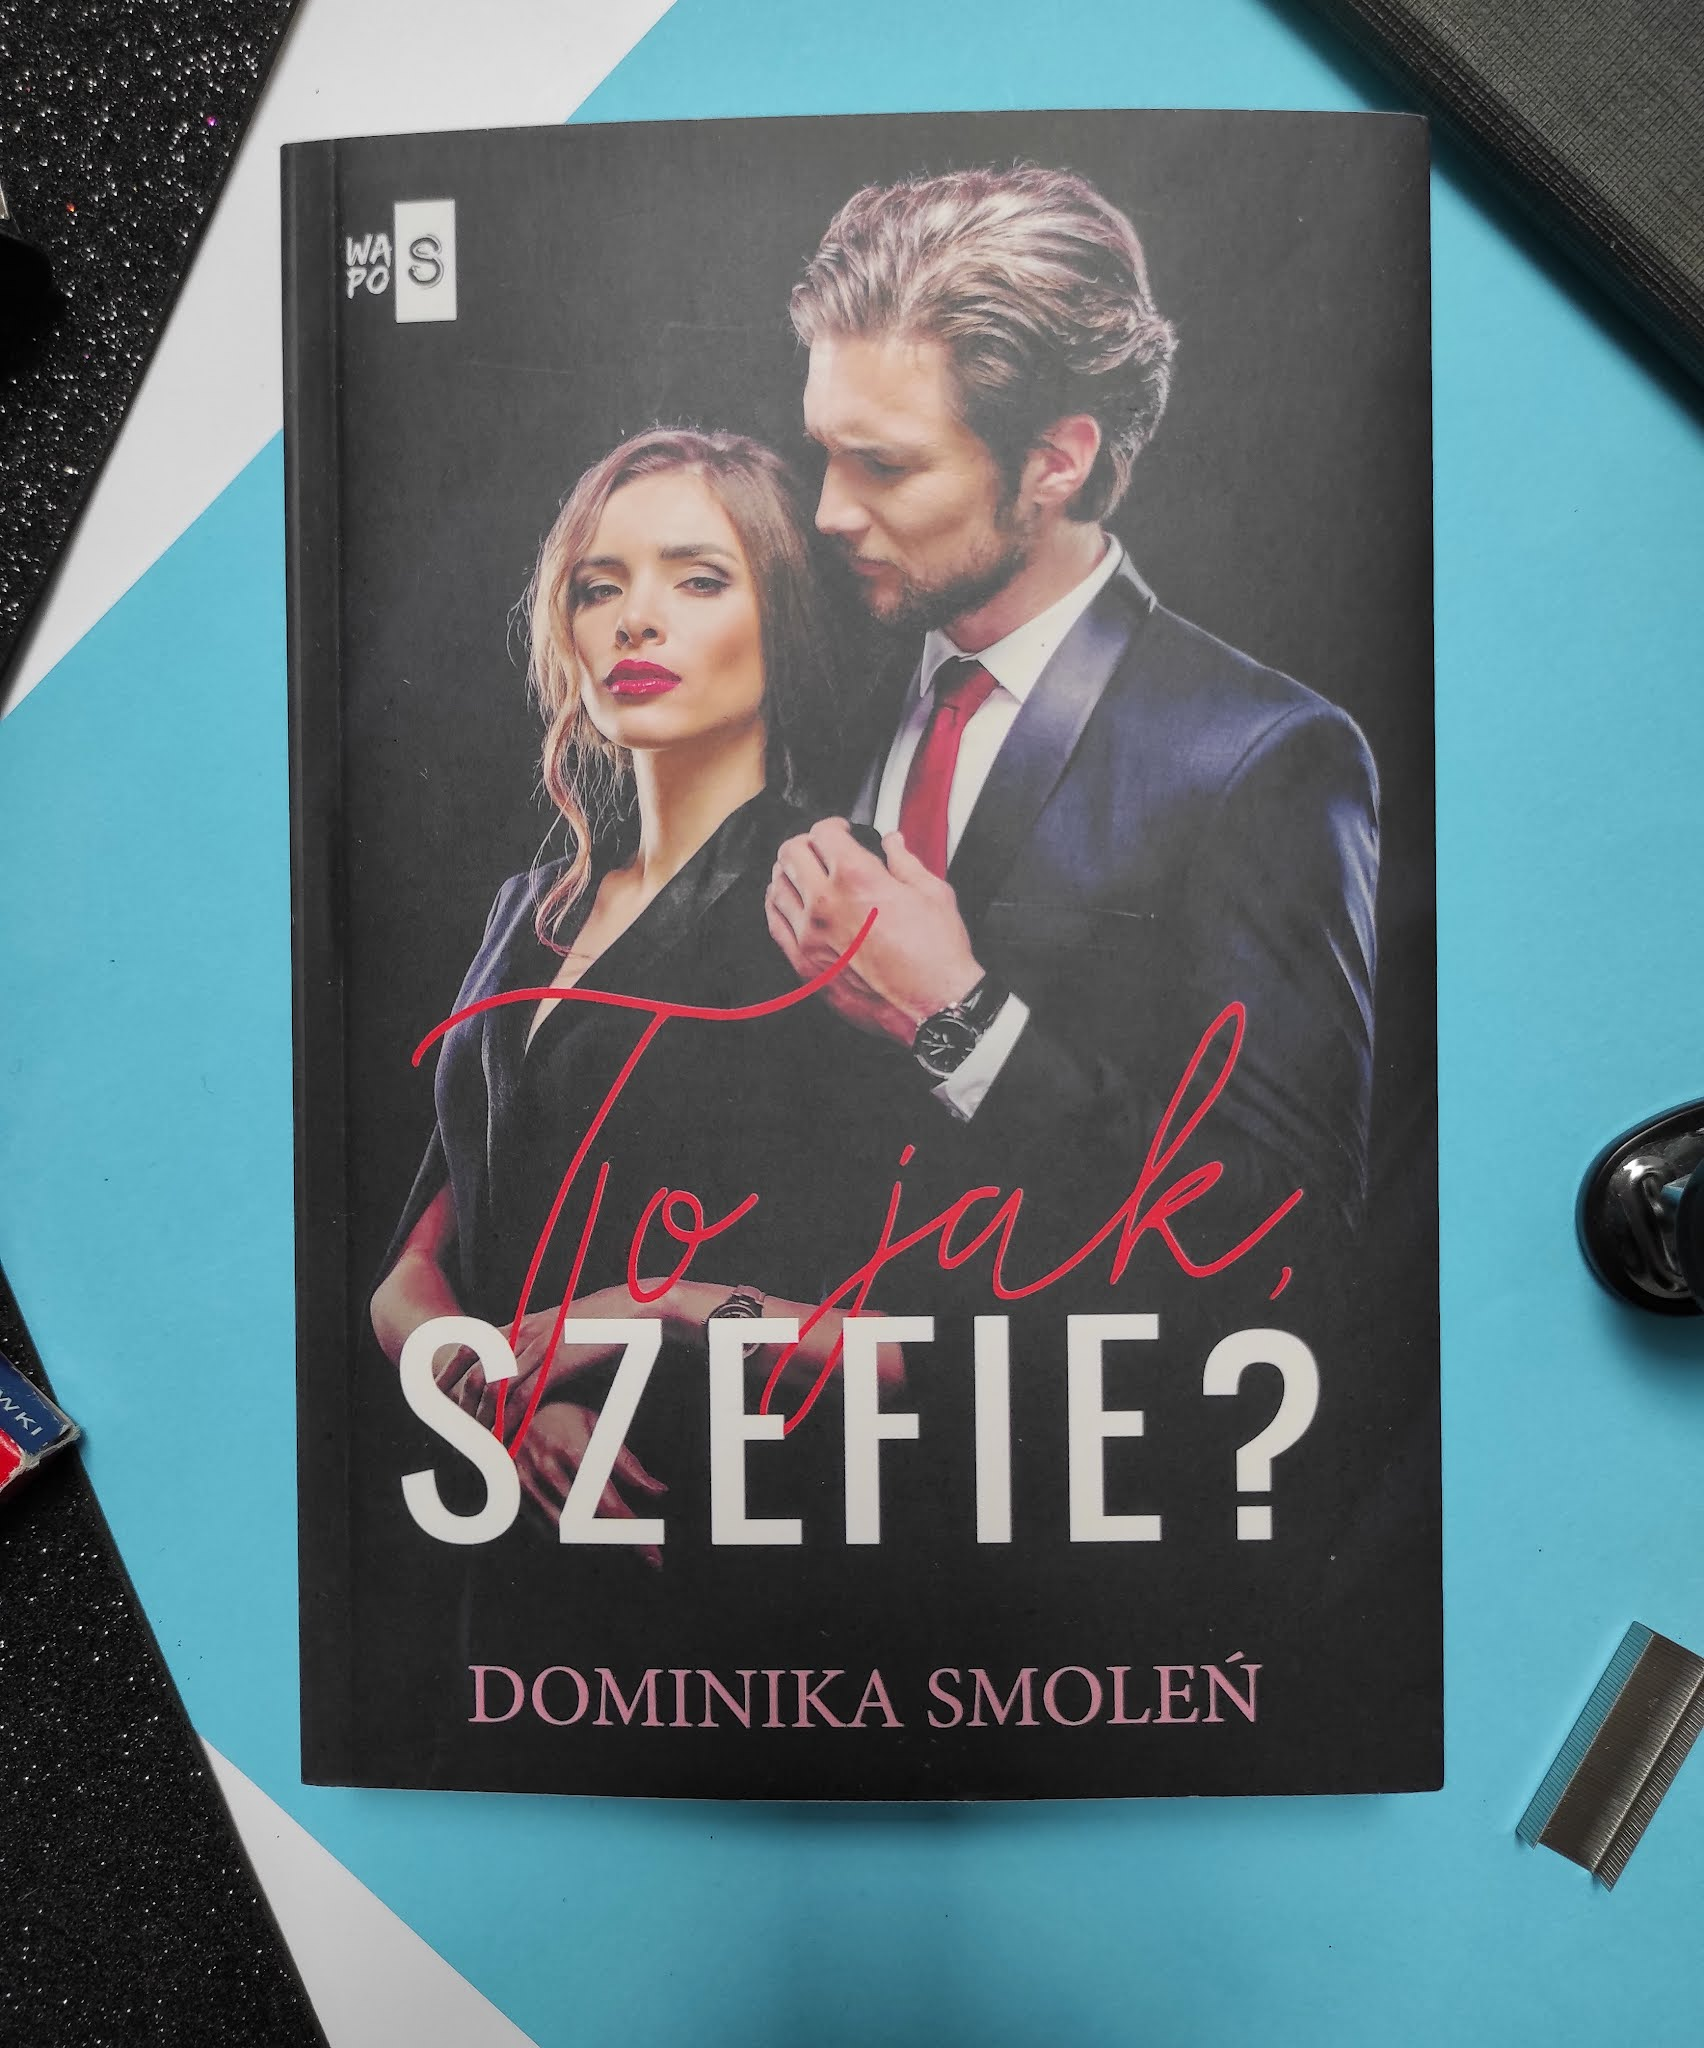 """""""To jak, szefie?"""" Dominika Smoleń - recenzja - PATRONAT MEDIALNY"""